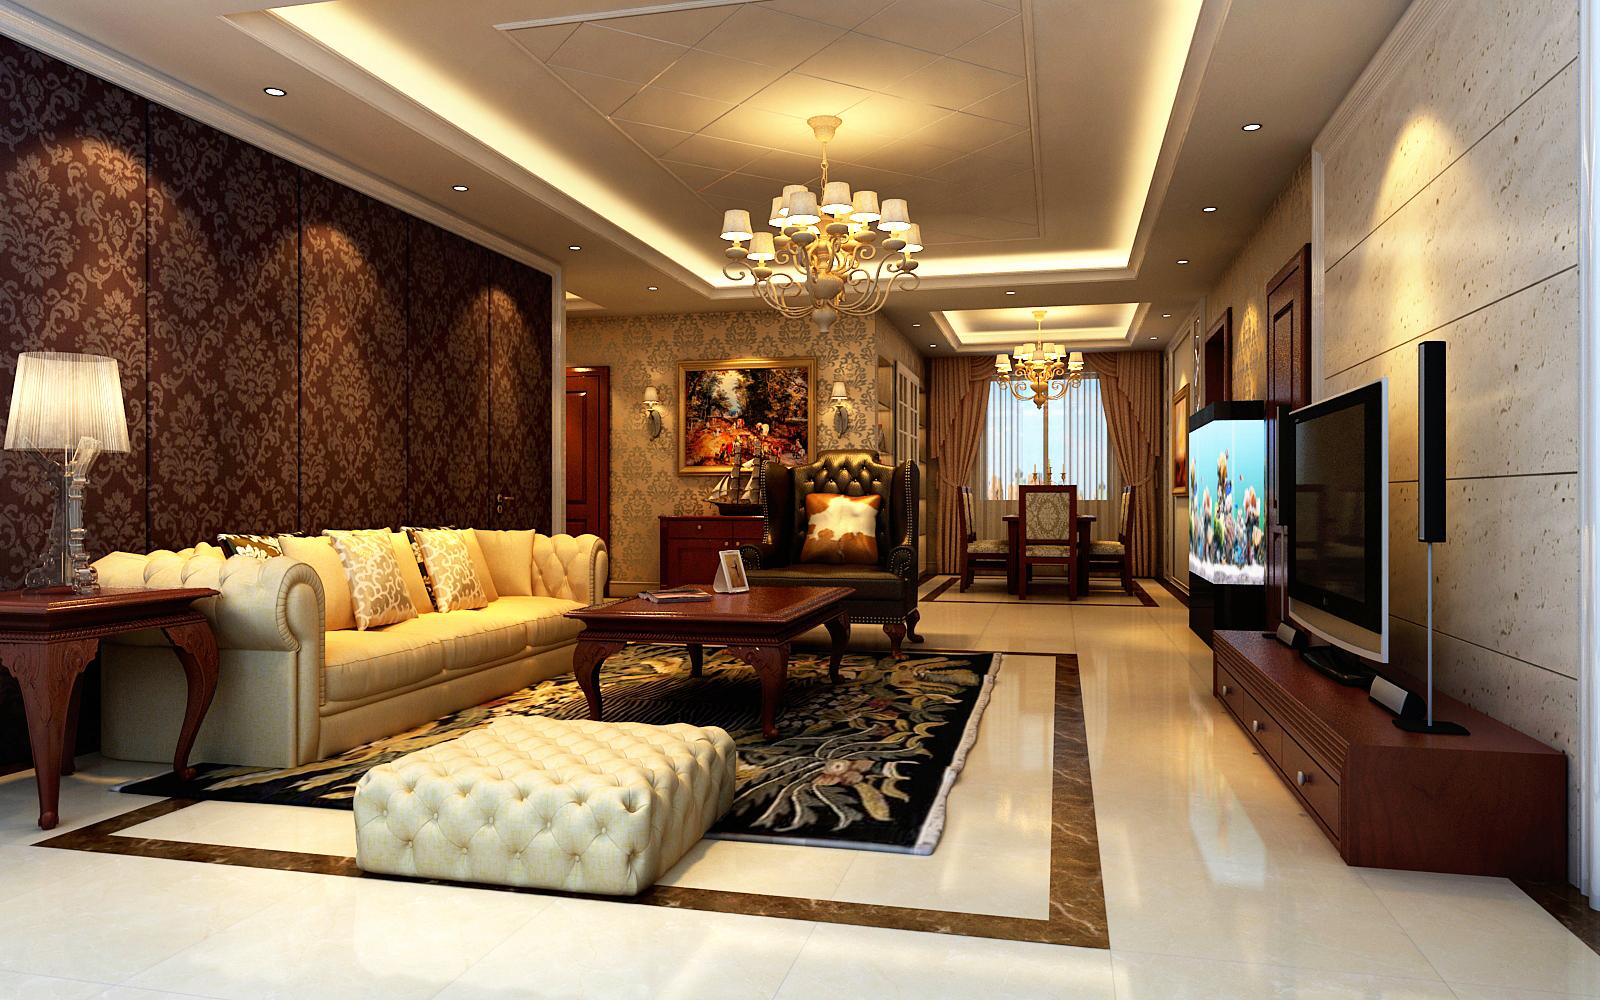 简约 欧式 三居 客厅图片来自实创装饰上海公司在东方城市花园三居室欧式风格的分享